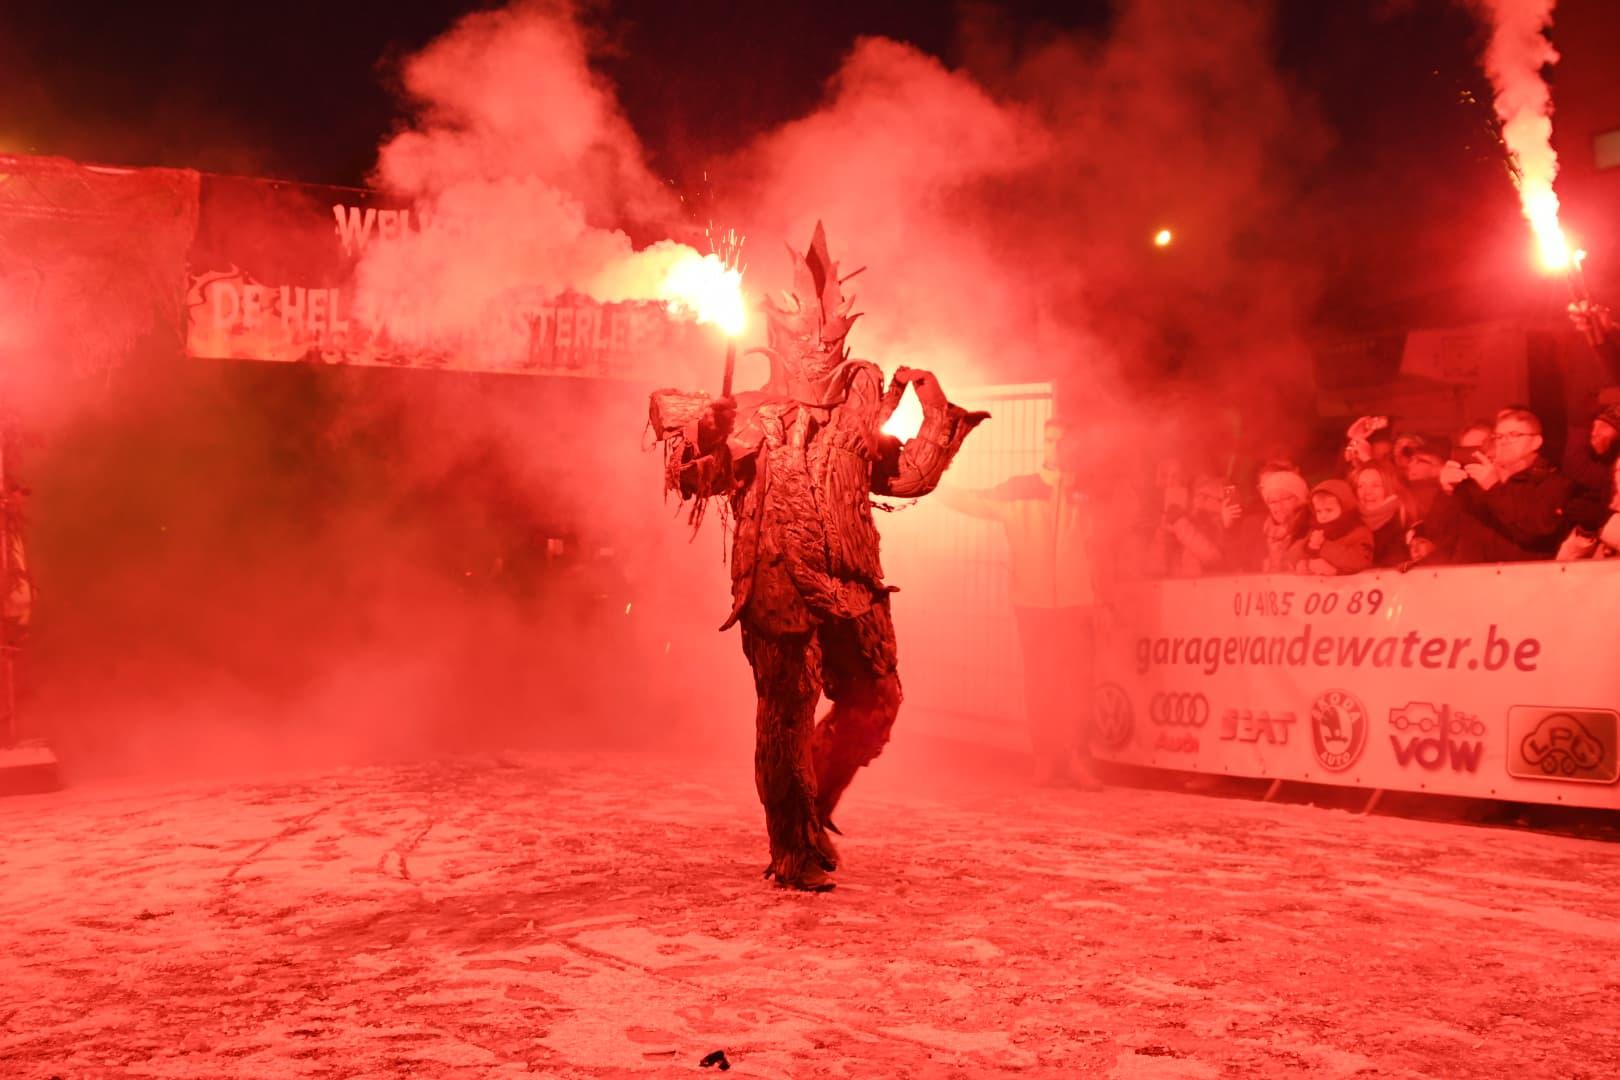 De Duivel nodigt de atleten uit om hem te kloppen in Kasterlee (foto: 3athlon.be/Mario Vanacker)